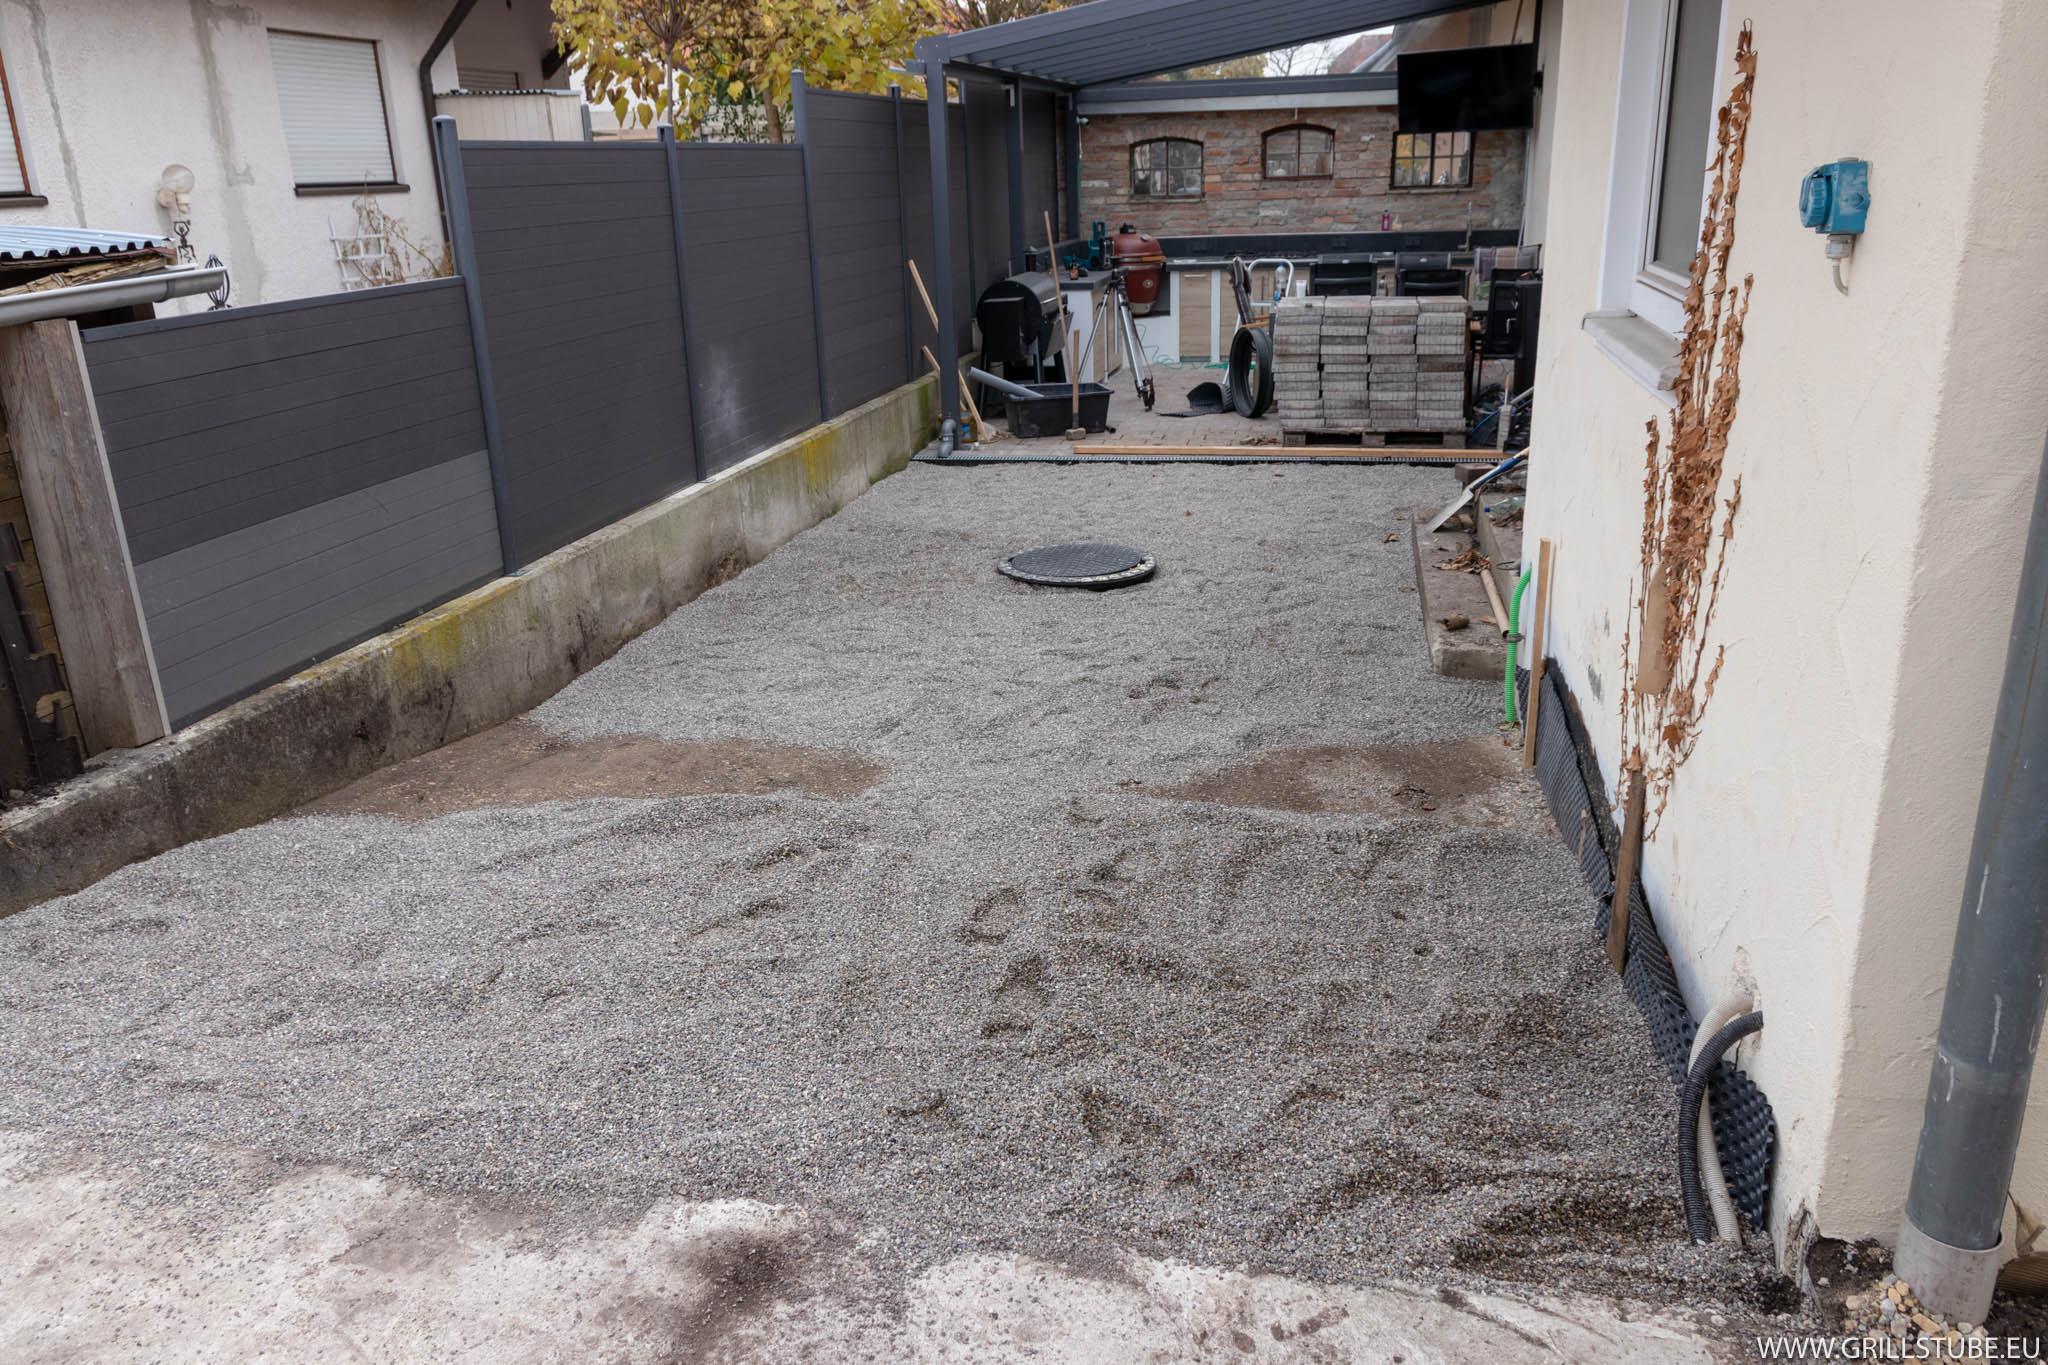 Outdoorküche Stein Facebook : Ziegelsteine backsteine brotbackofen hochbeet outdoorküche